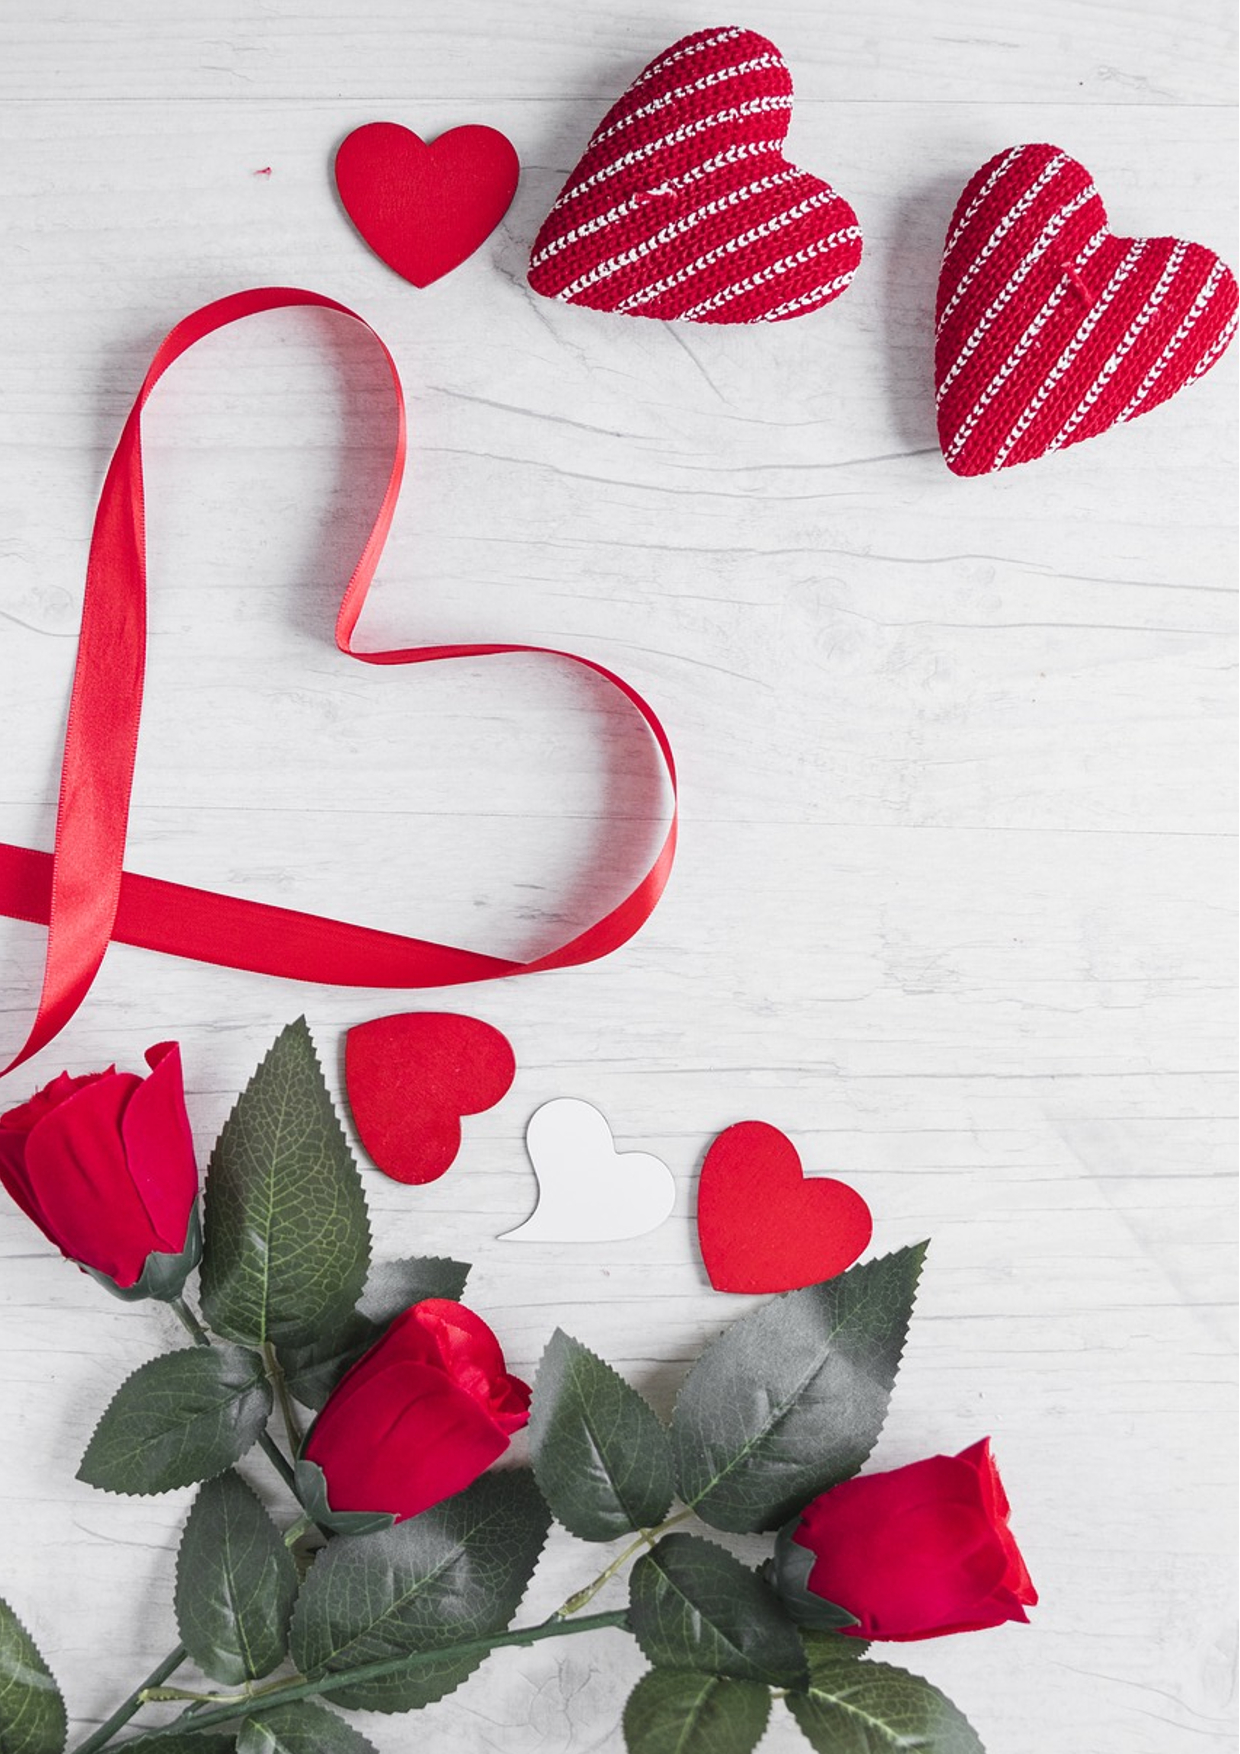 Ziemlich Valentines Flyer Vorlagen Kostenlos Ideen - Entry Level ...